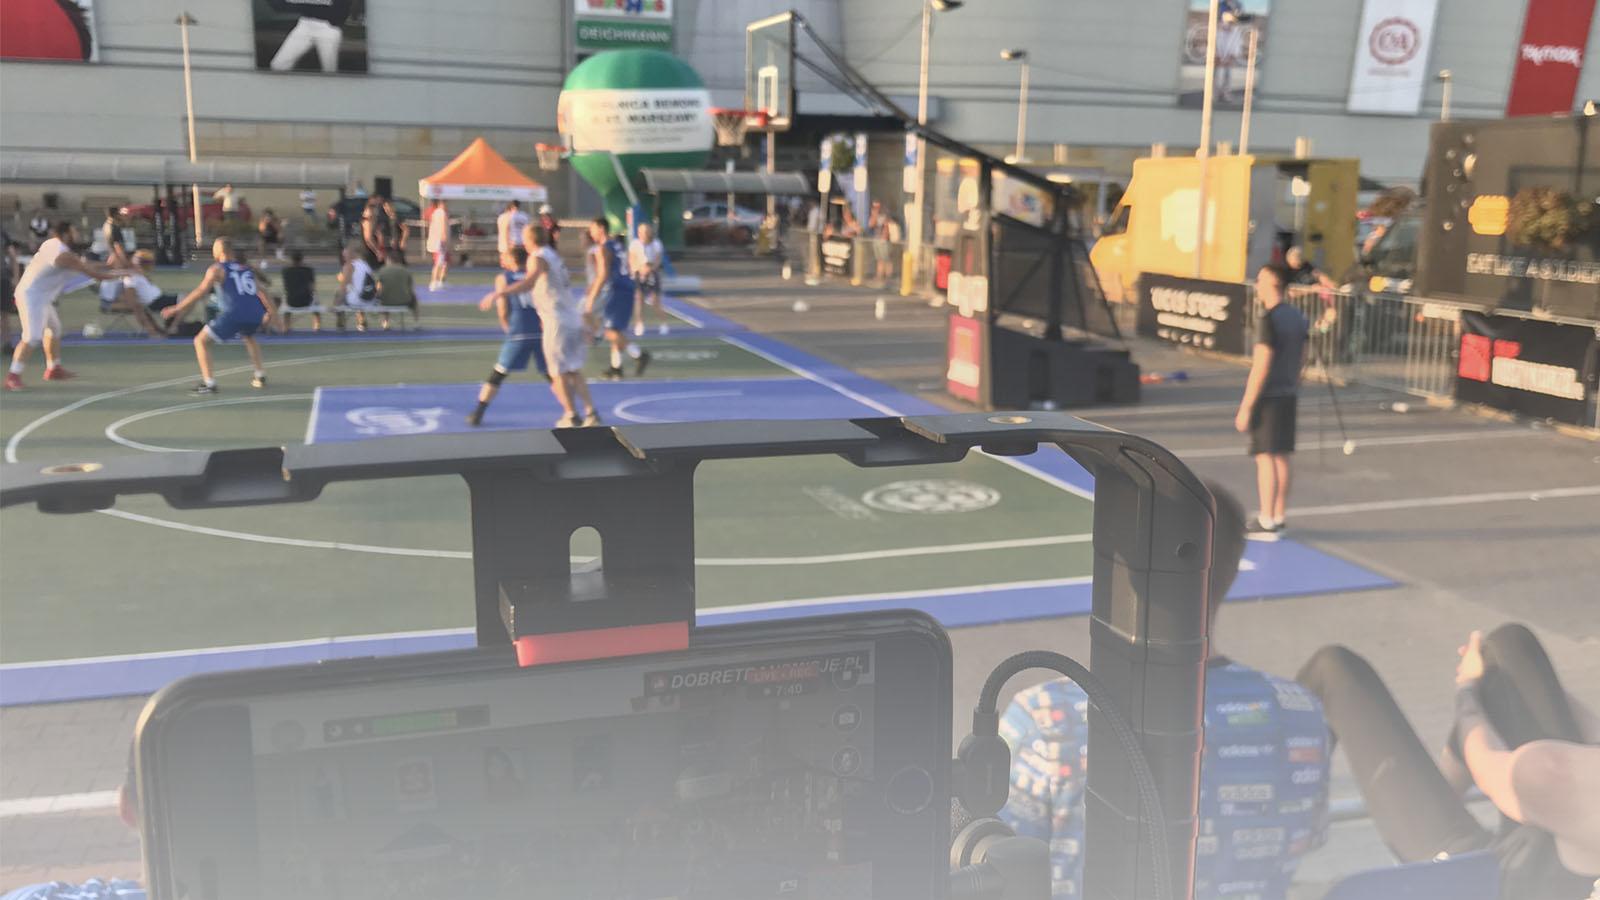 Transmisja online z meczu streetballa